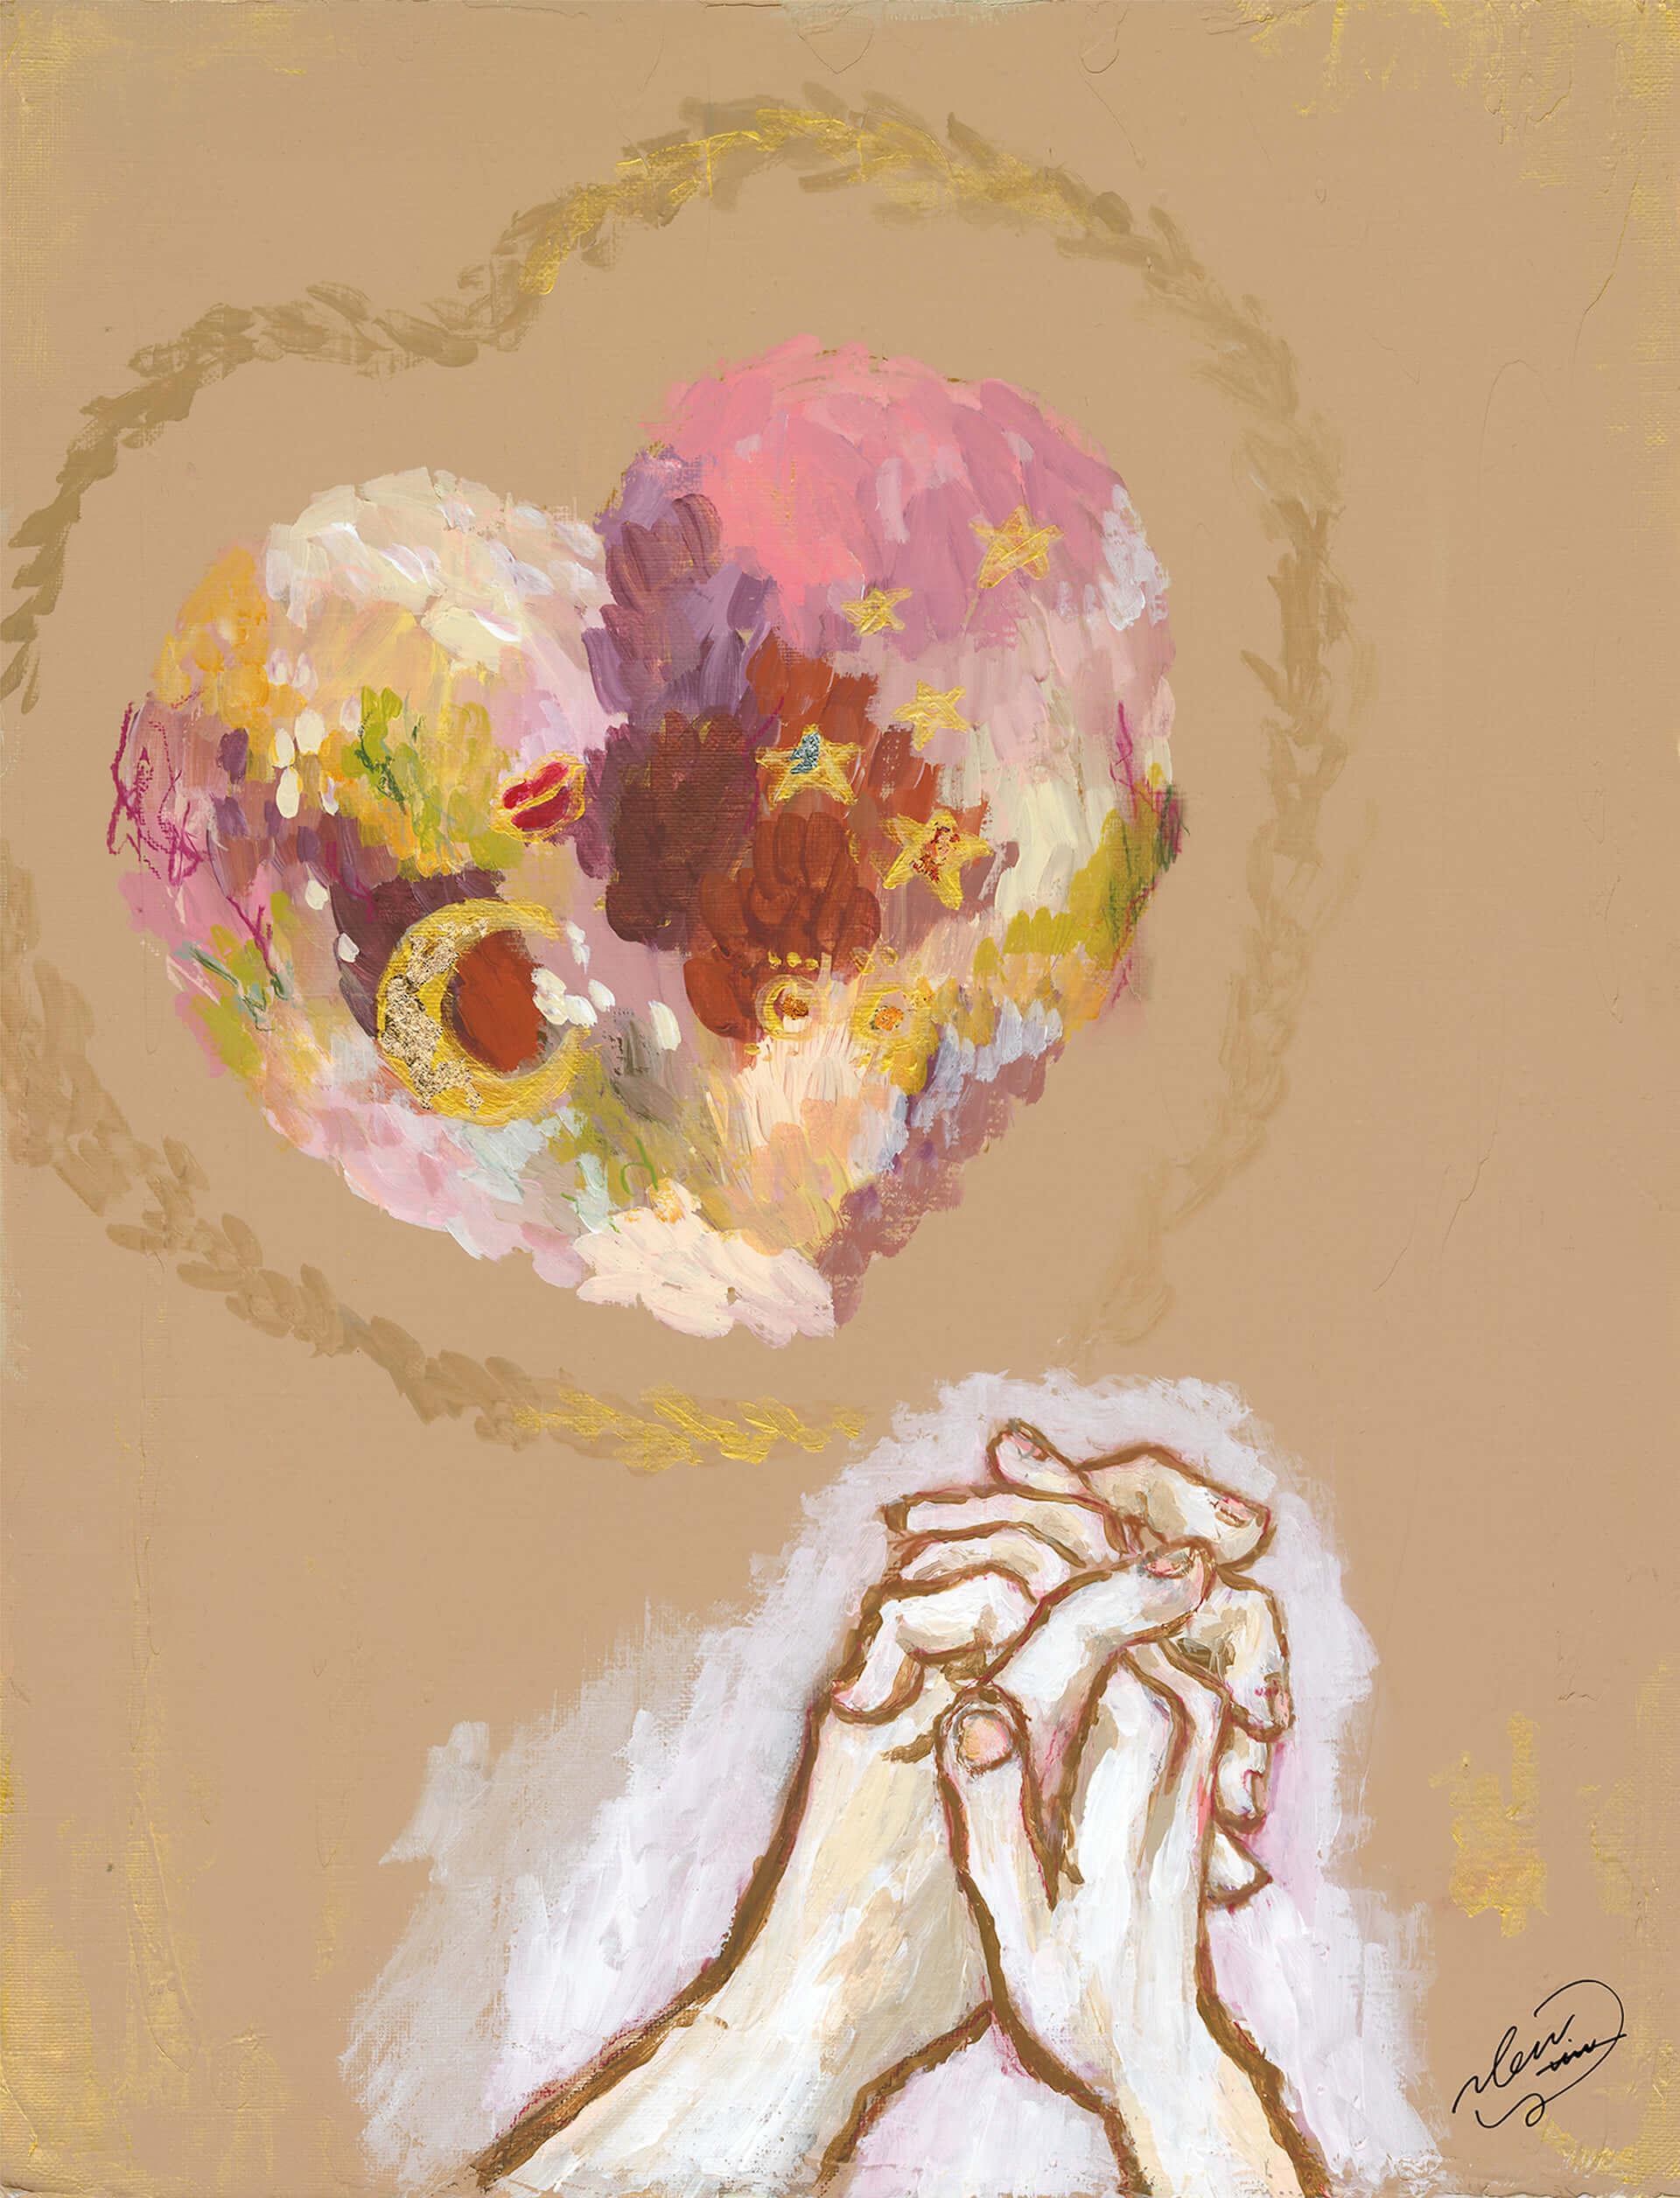 のんとゴディバが贈るバレンタイン限定コレクション「きらめく想い」が発売!オリジナルTシャツのプレゼント企画も実施 gourmet210108_godiva_12-1920x2512